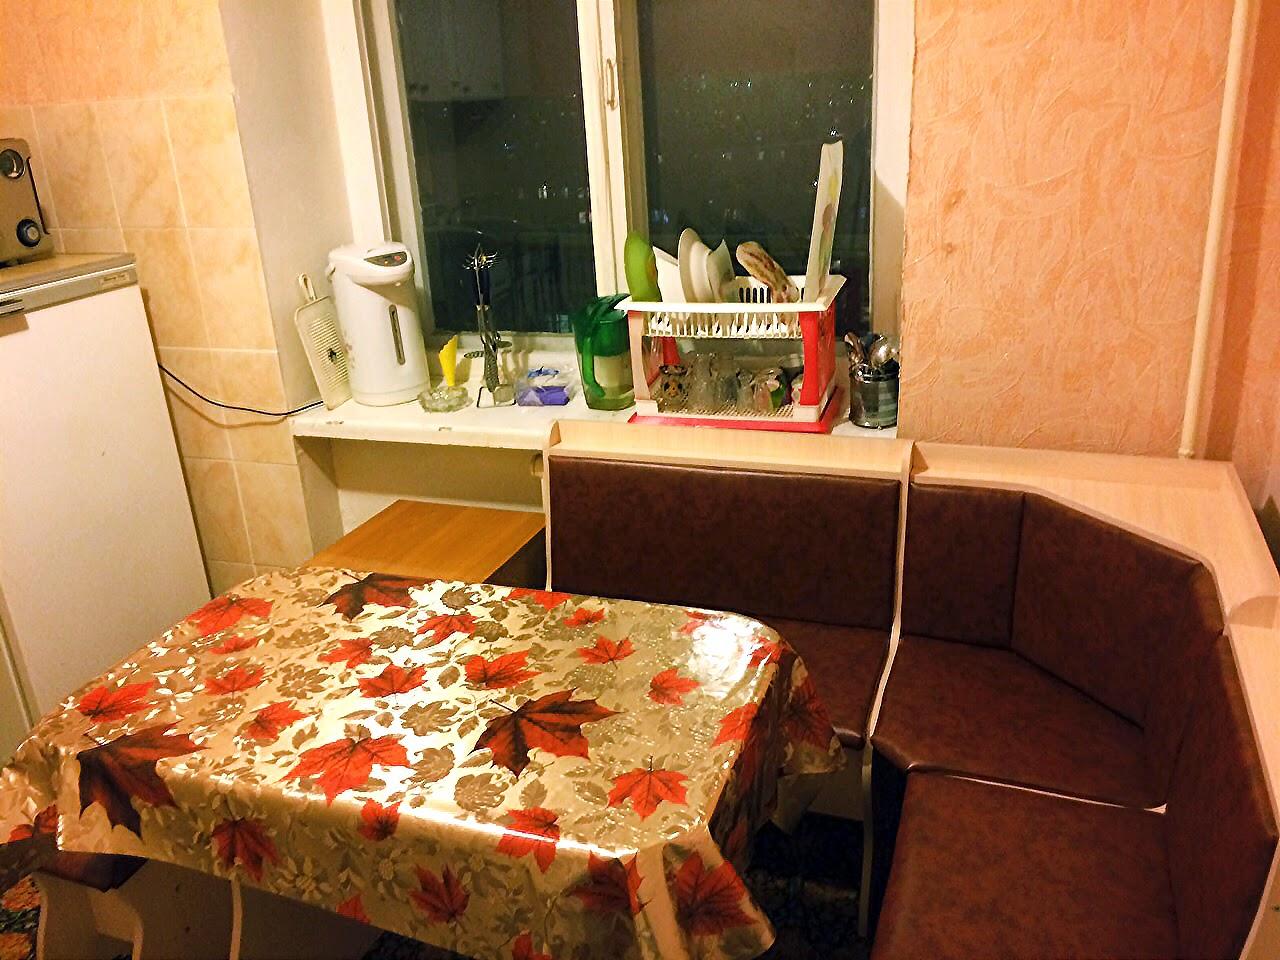 Аренда квартиры посуточно (кухня)